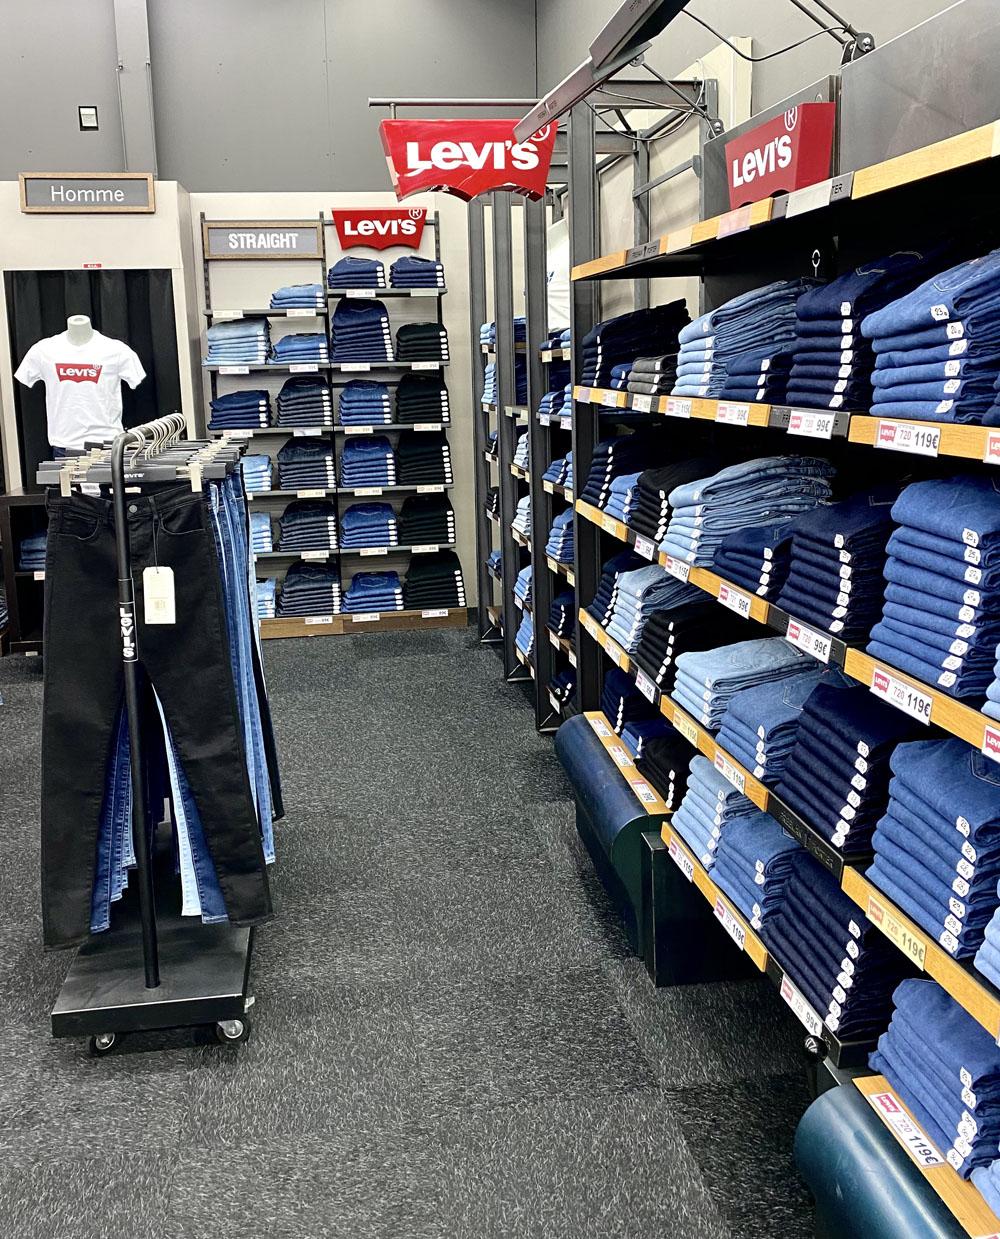 Vente de jeans Levis à Barentin